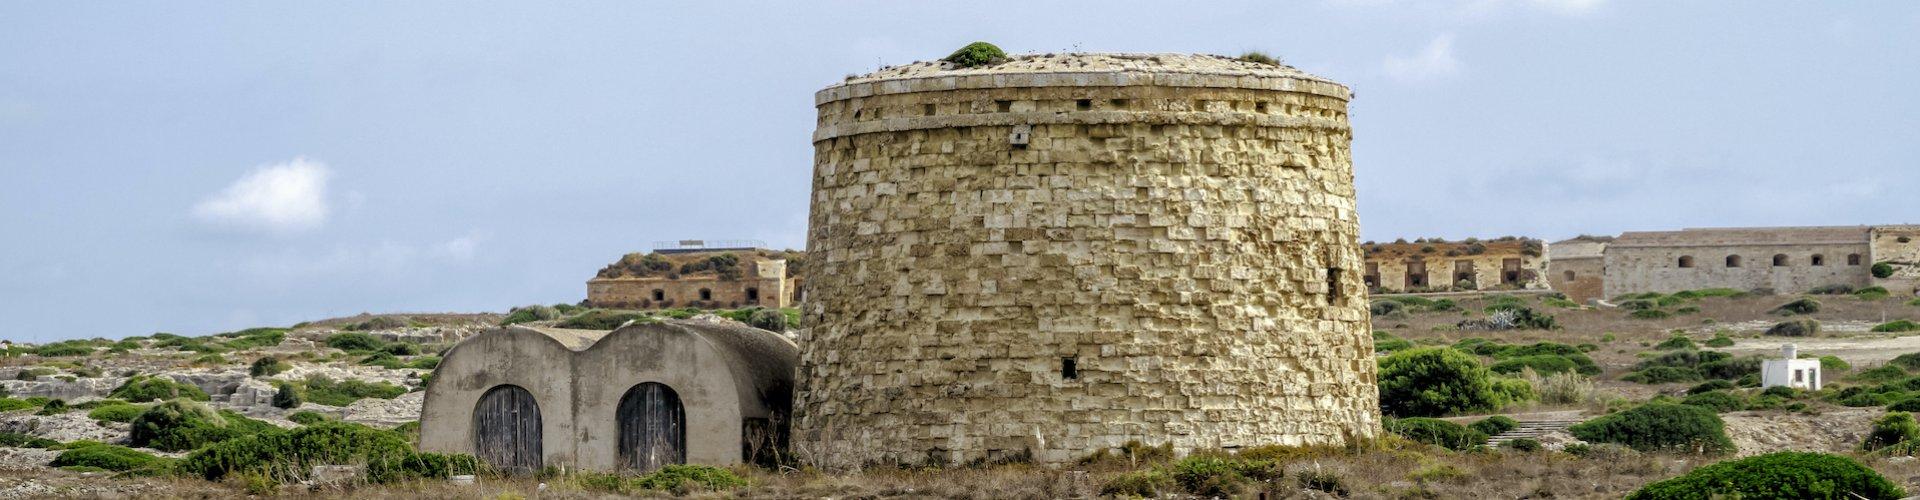 Ausflugsziel Maó / Festung La Mola